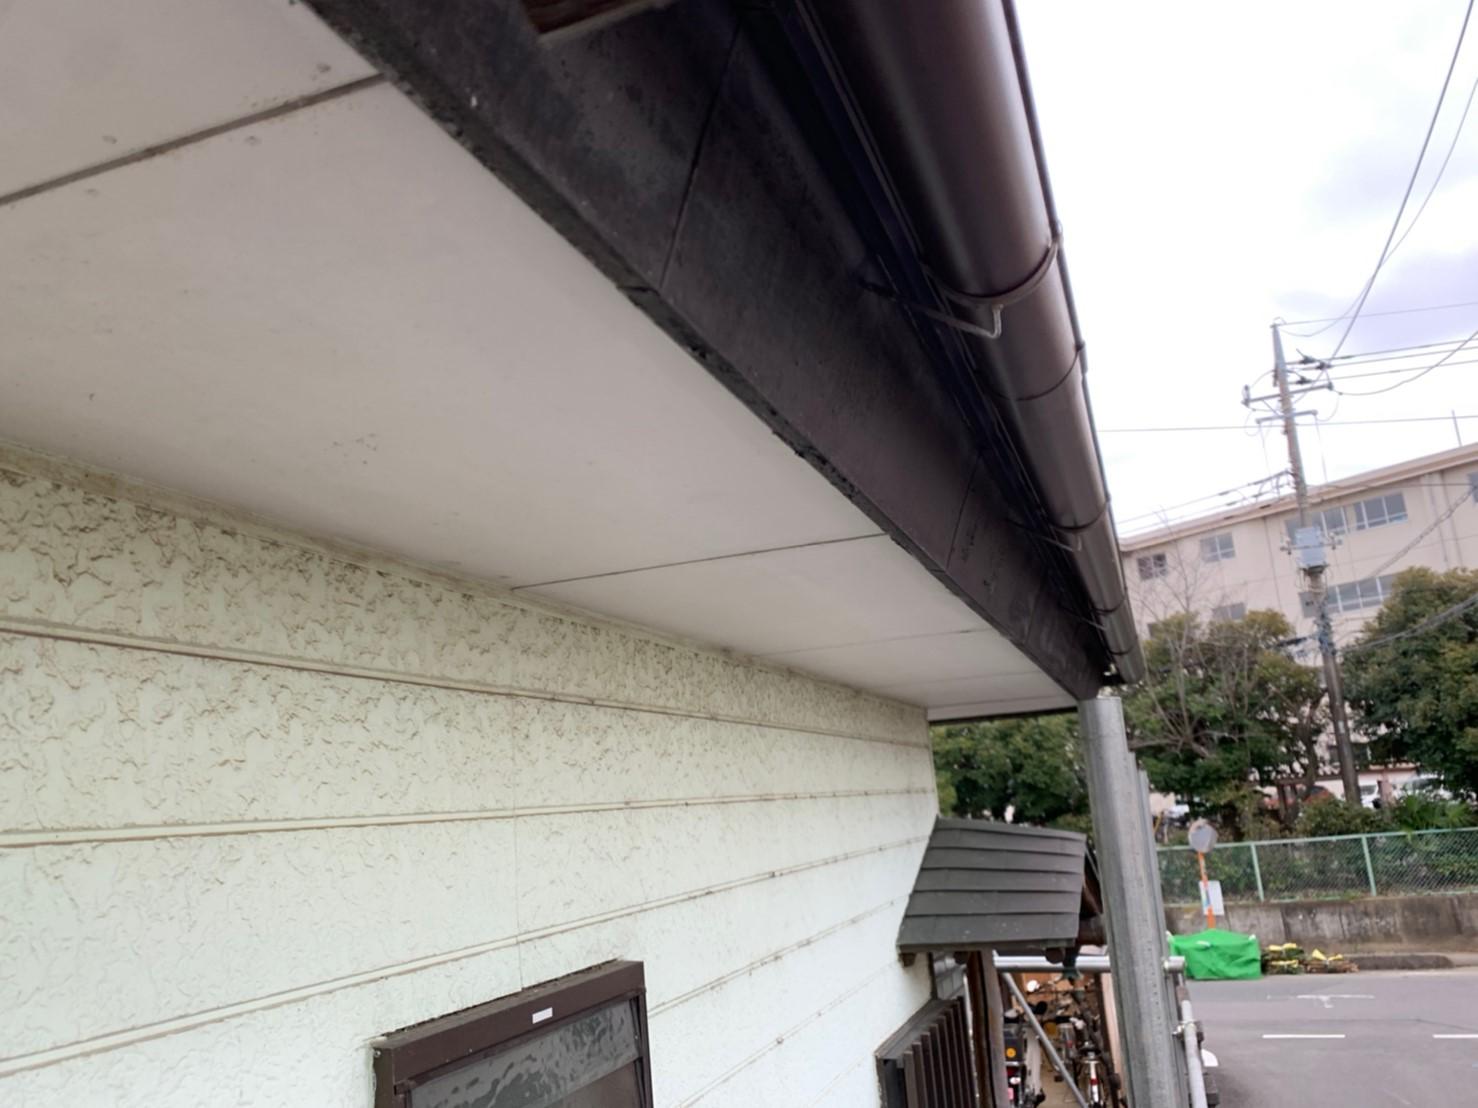 【施工完了報告!】雨どいの破損は建物全体が老朽化します・・埼玉県新座市にて雨どい&波板交換工事を行いました!